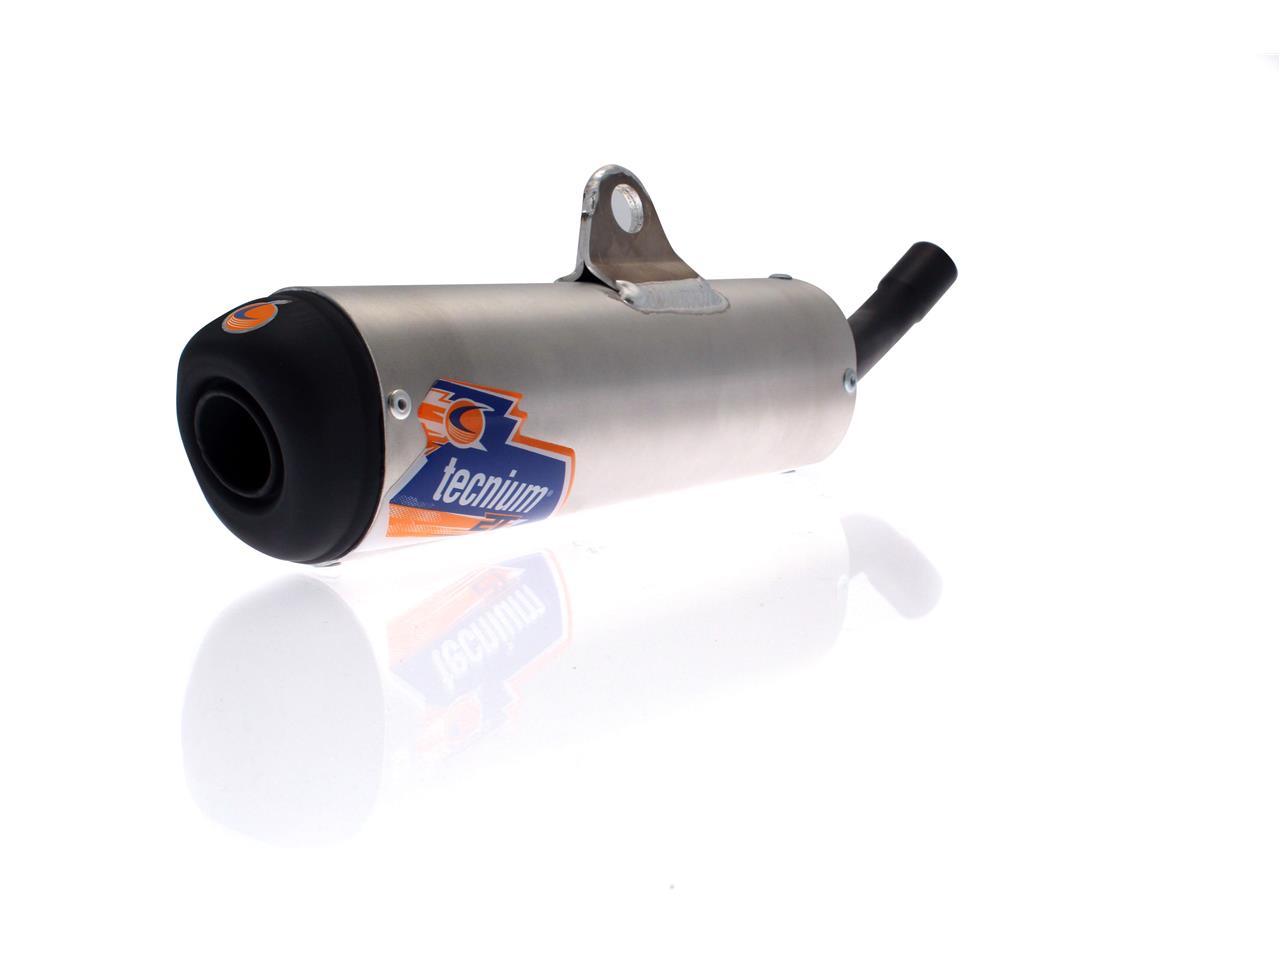 【TECNIUM】TECHNIUM 鋁合金消音器/ 2行程 HONDA CR250R用(Tecnium Alu Silencer 二行程 Honda CR250R) - 「Webike-摩托百貨」